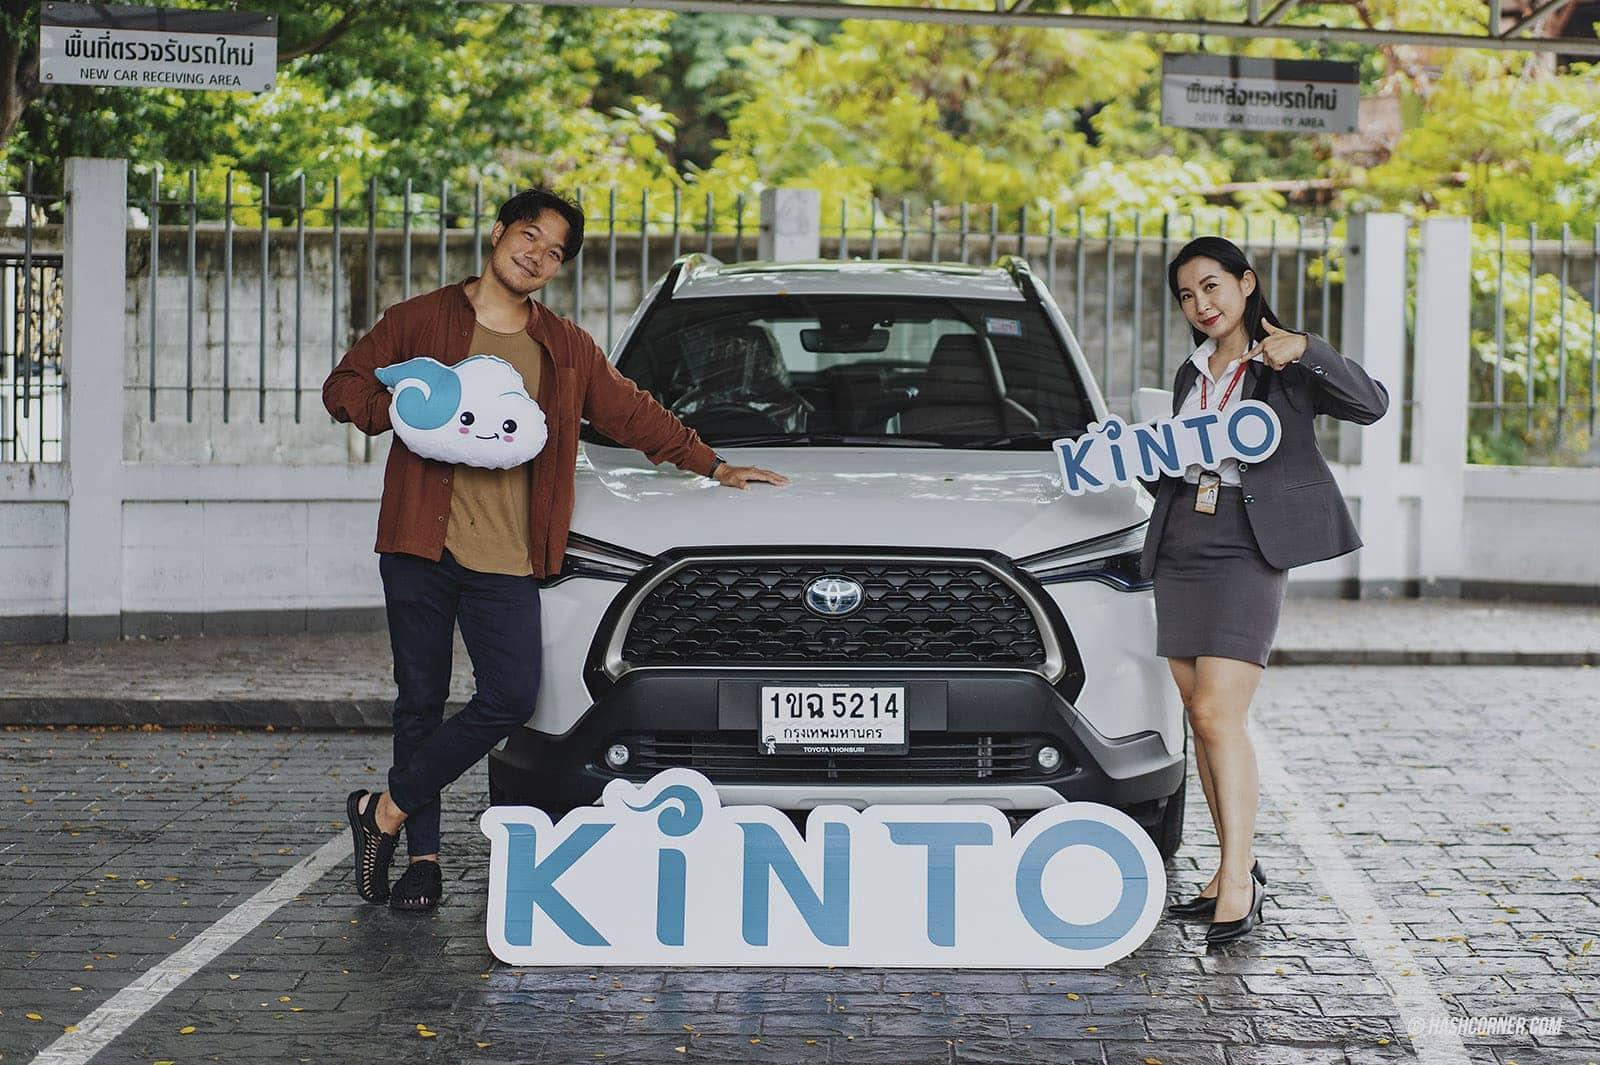 รีวิว เช่ารถ KINTO คุ้มกว่าการซื้อรถยังไง